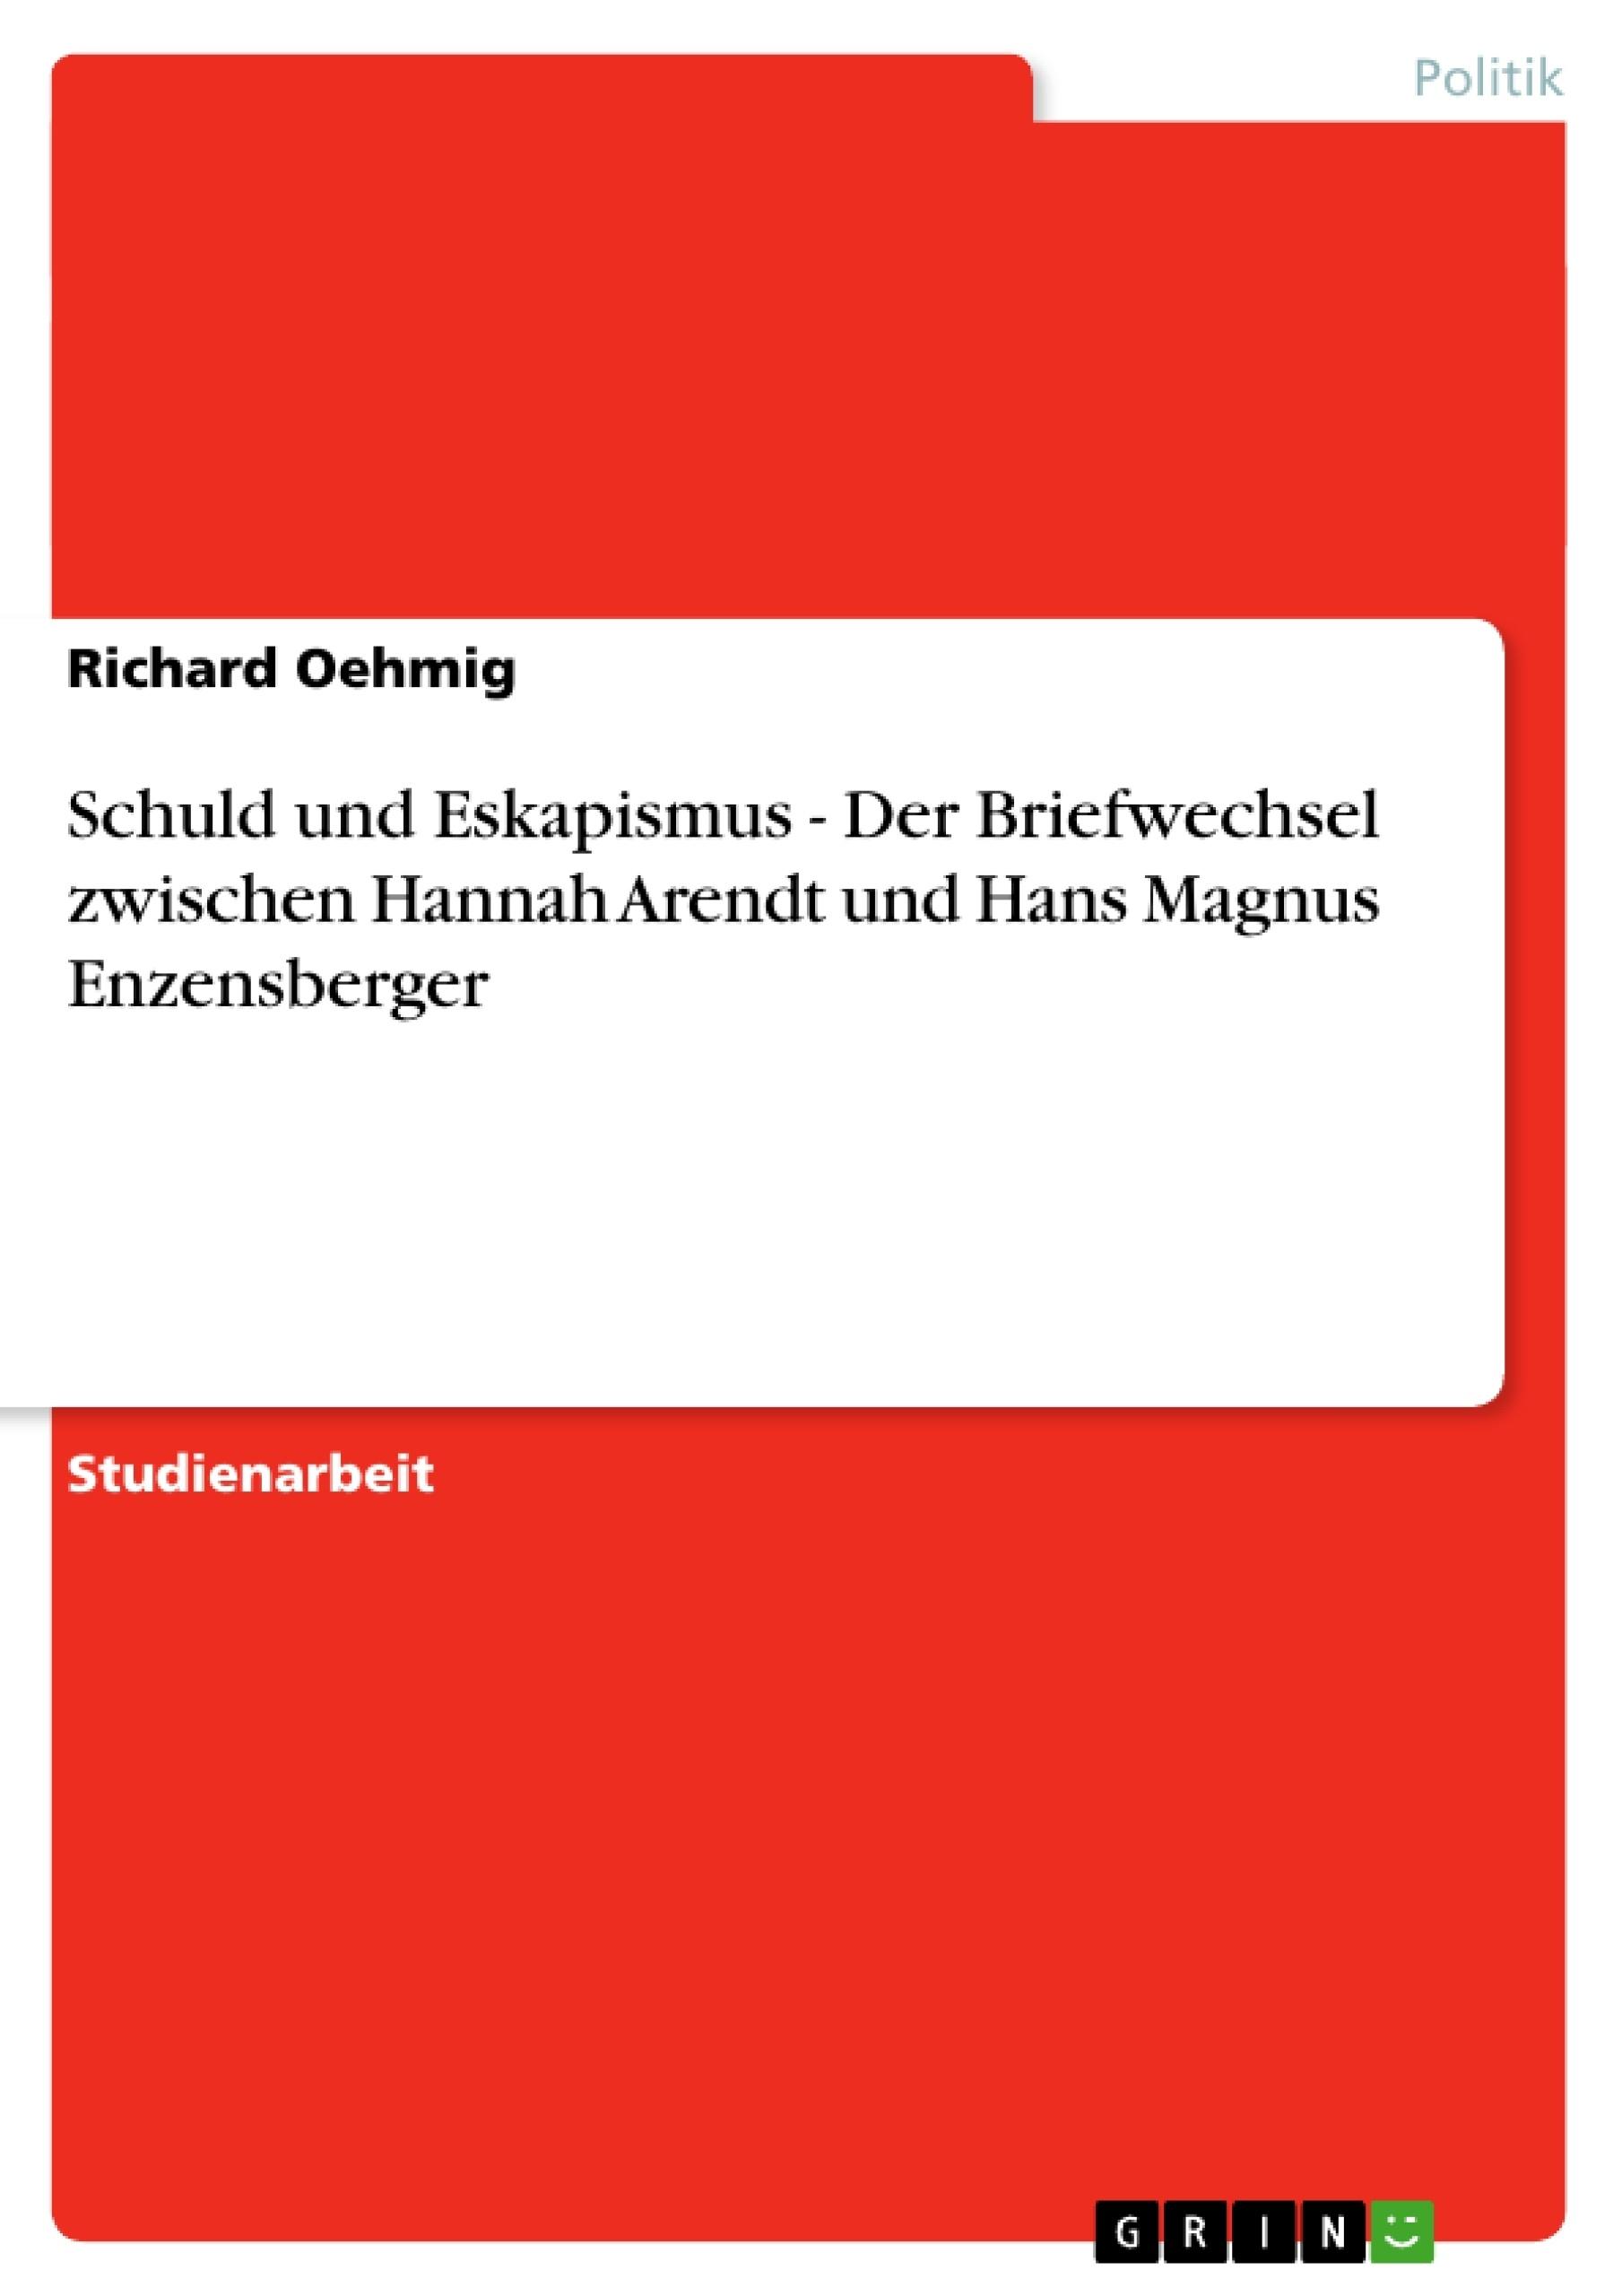 Titel: Schuld und Eskapismus - Der Briefwechsel zwischen Hannah Arendt und Hans Magnus Enzensberger